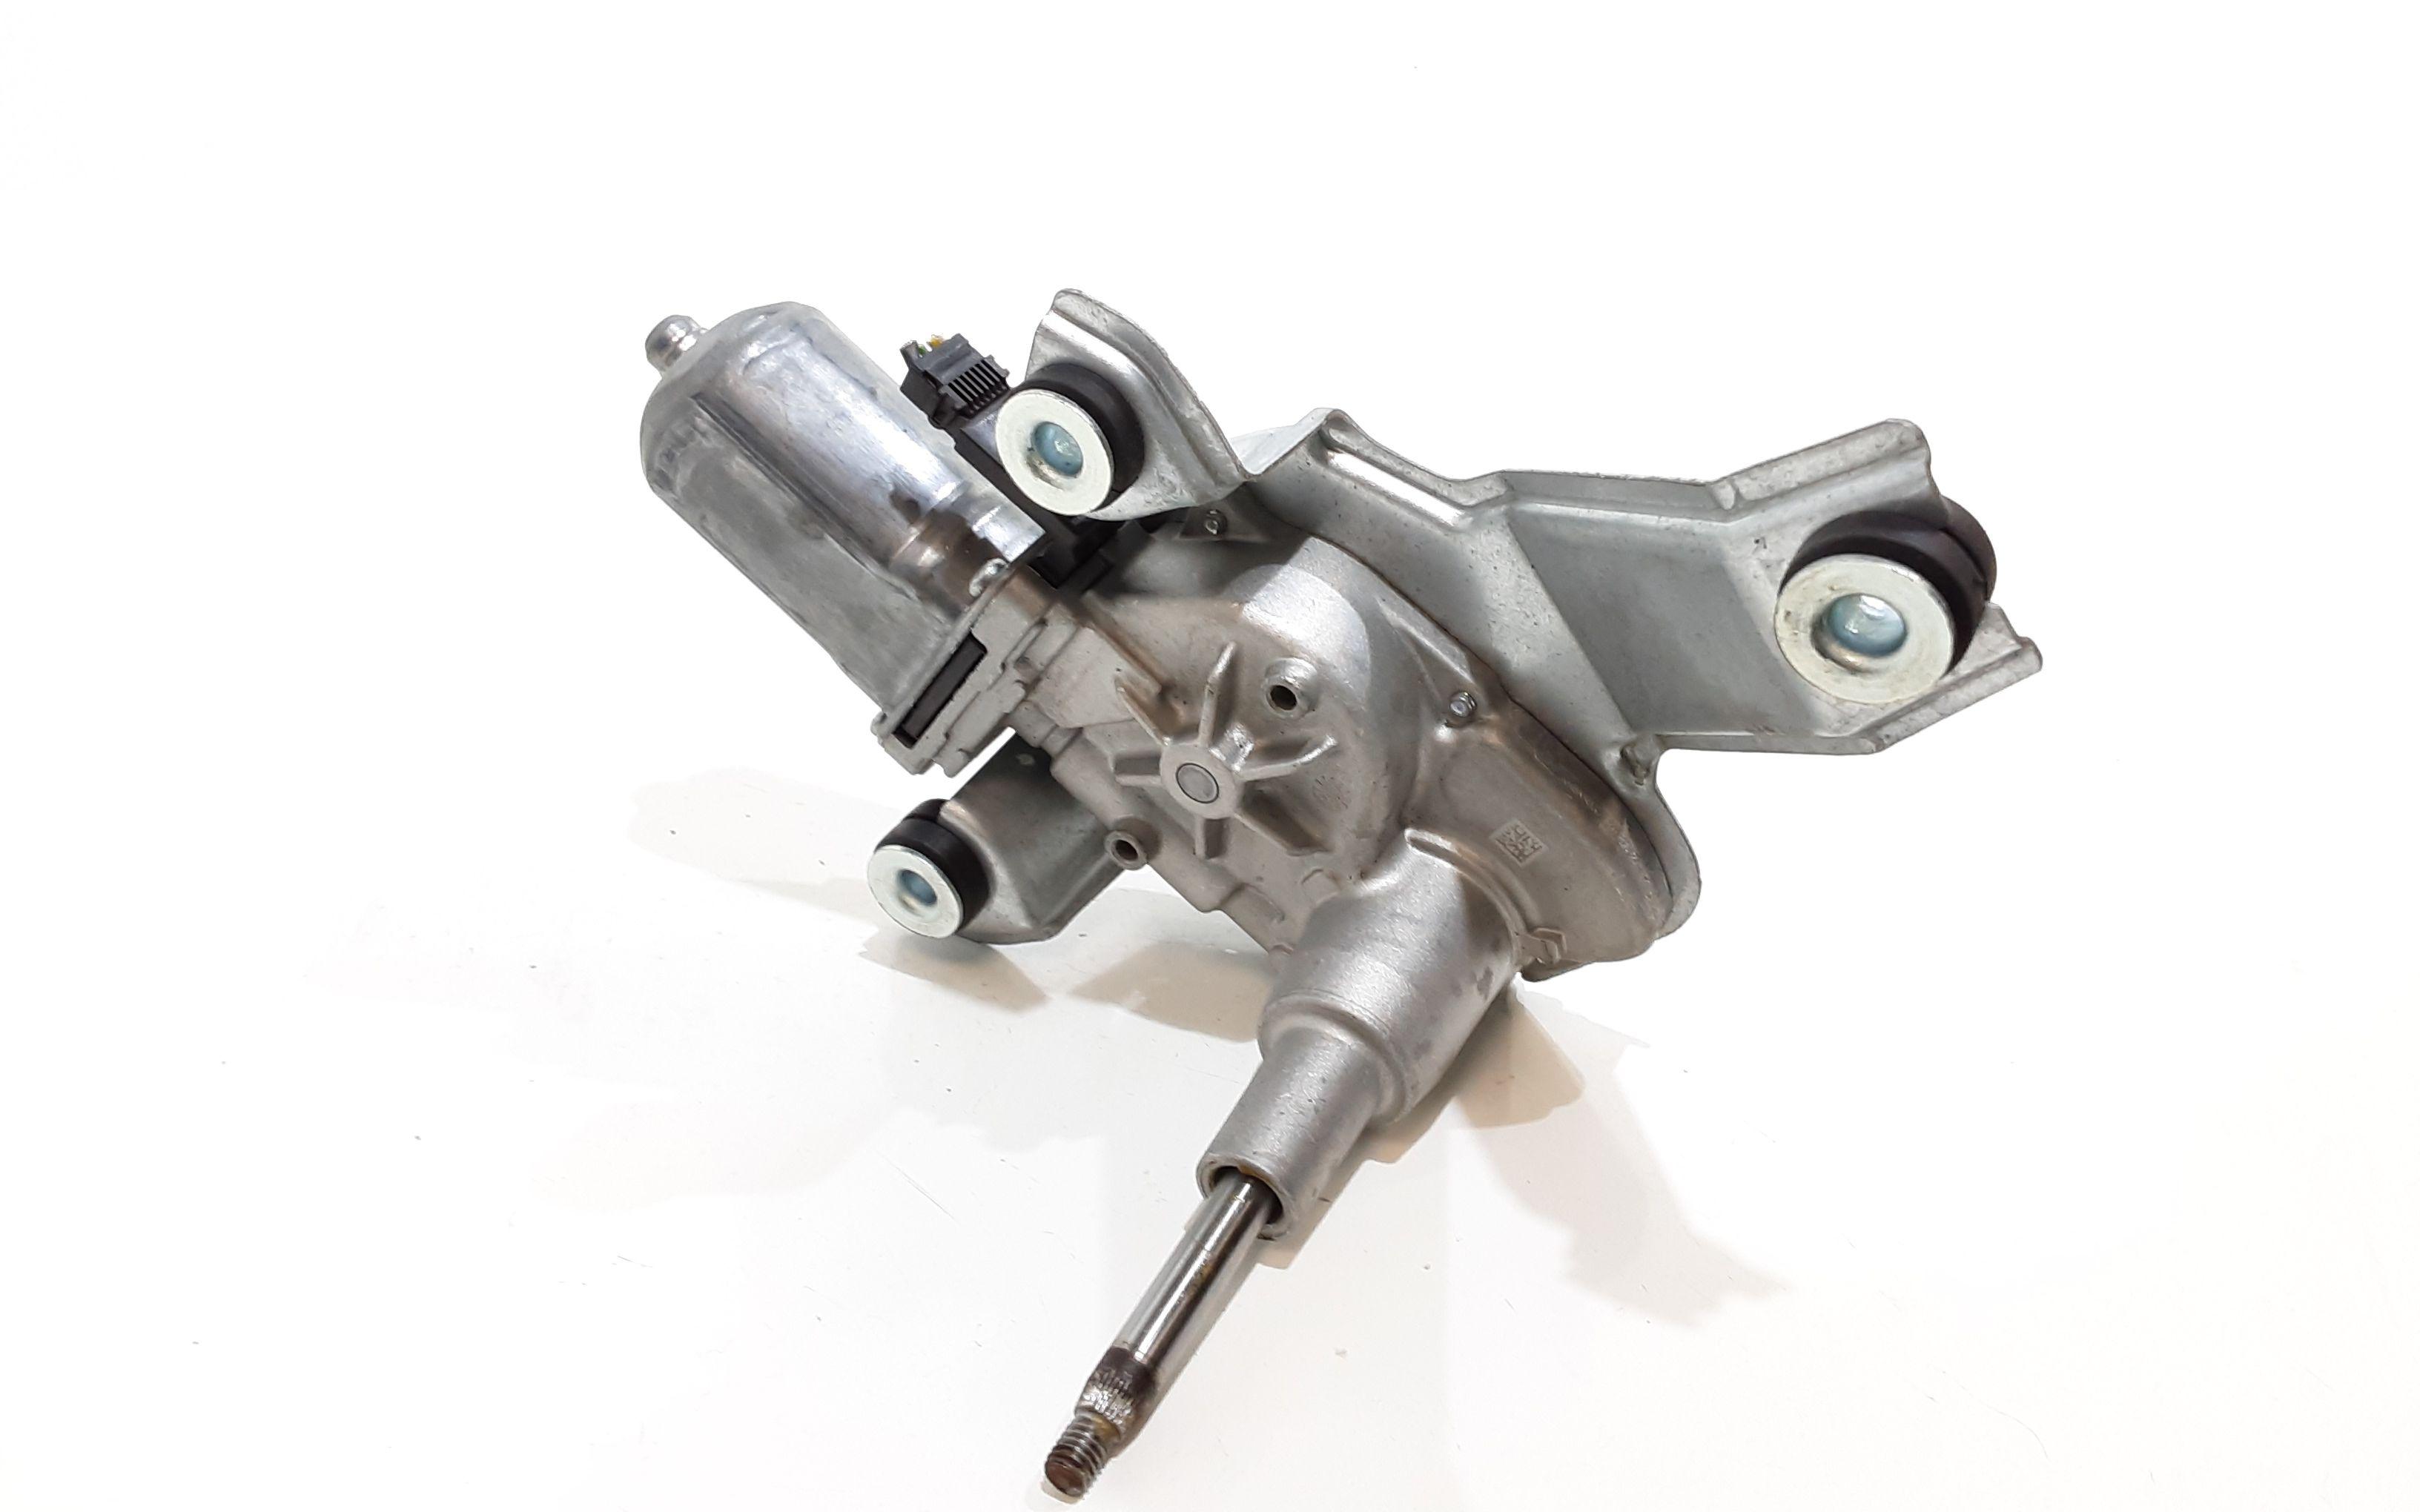 MOTORINO TERGICRISTALLO POSTERIORE JEEP Renegade Serie Benzina (2015) RICAMBI USATI